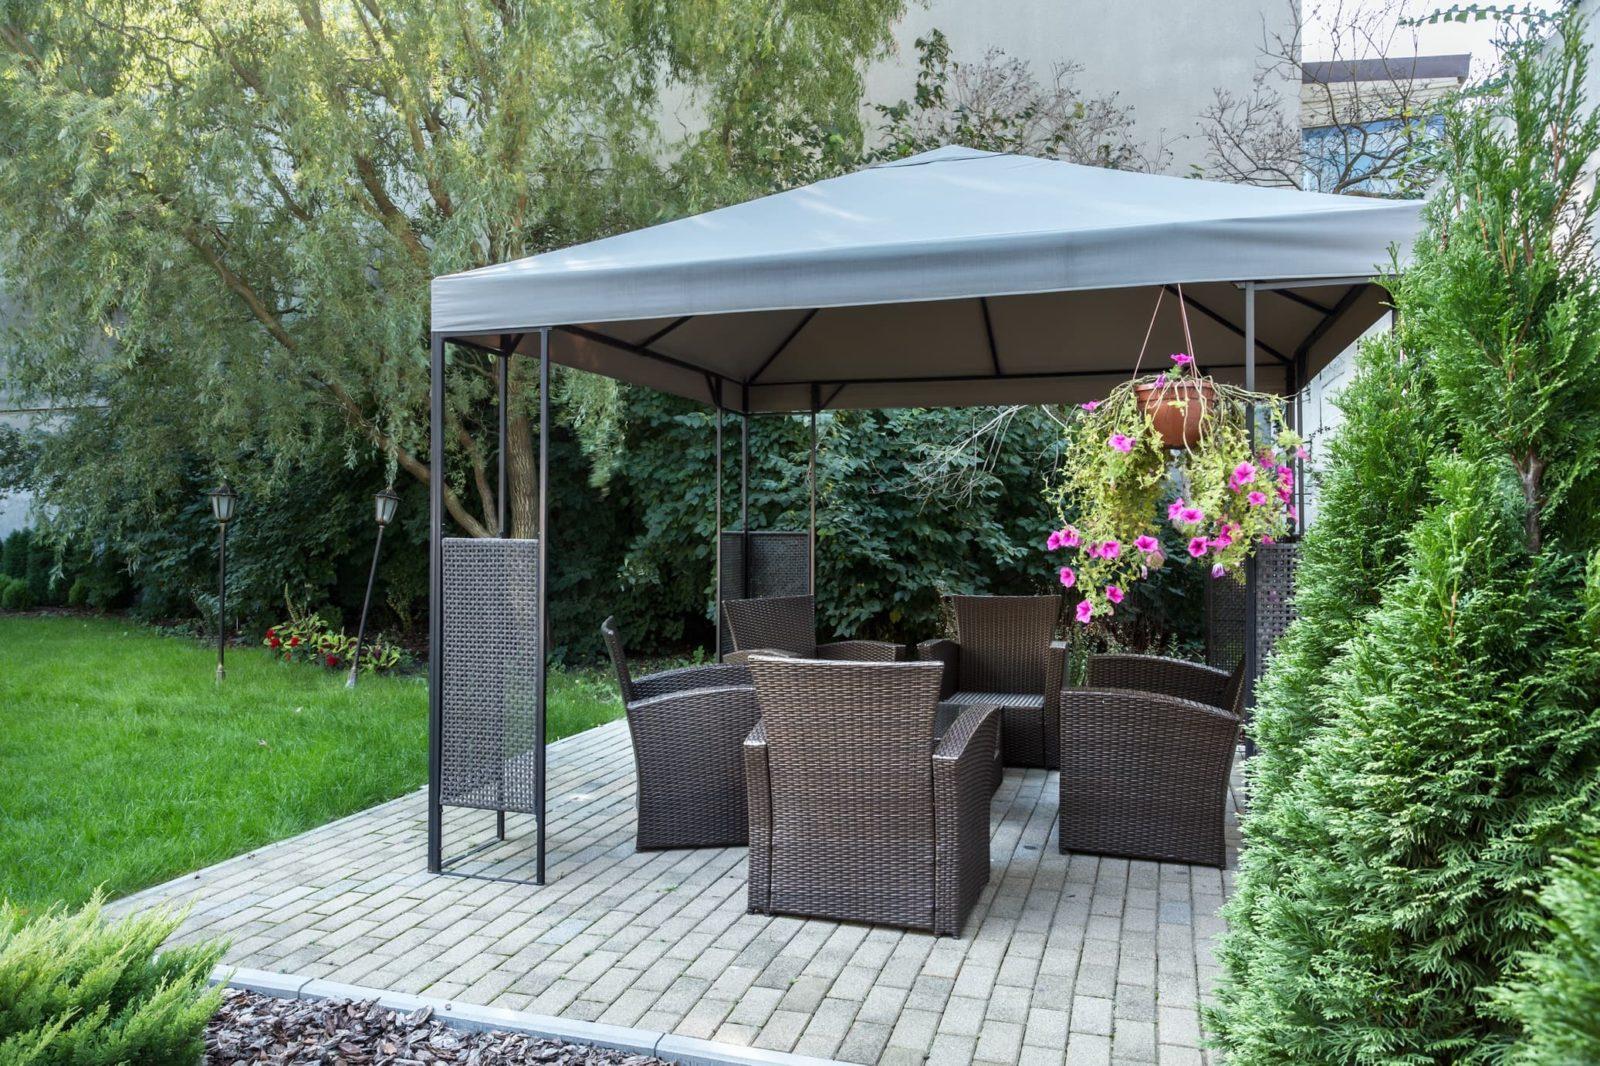 gazebos and furniture in garden